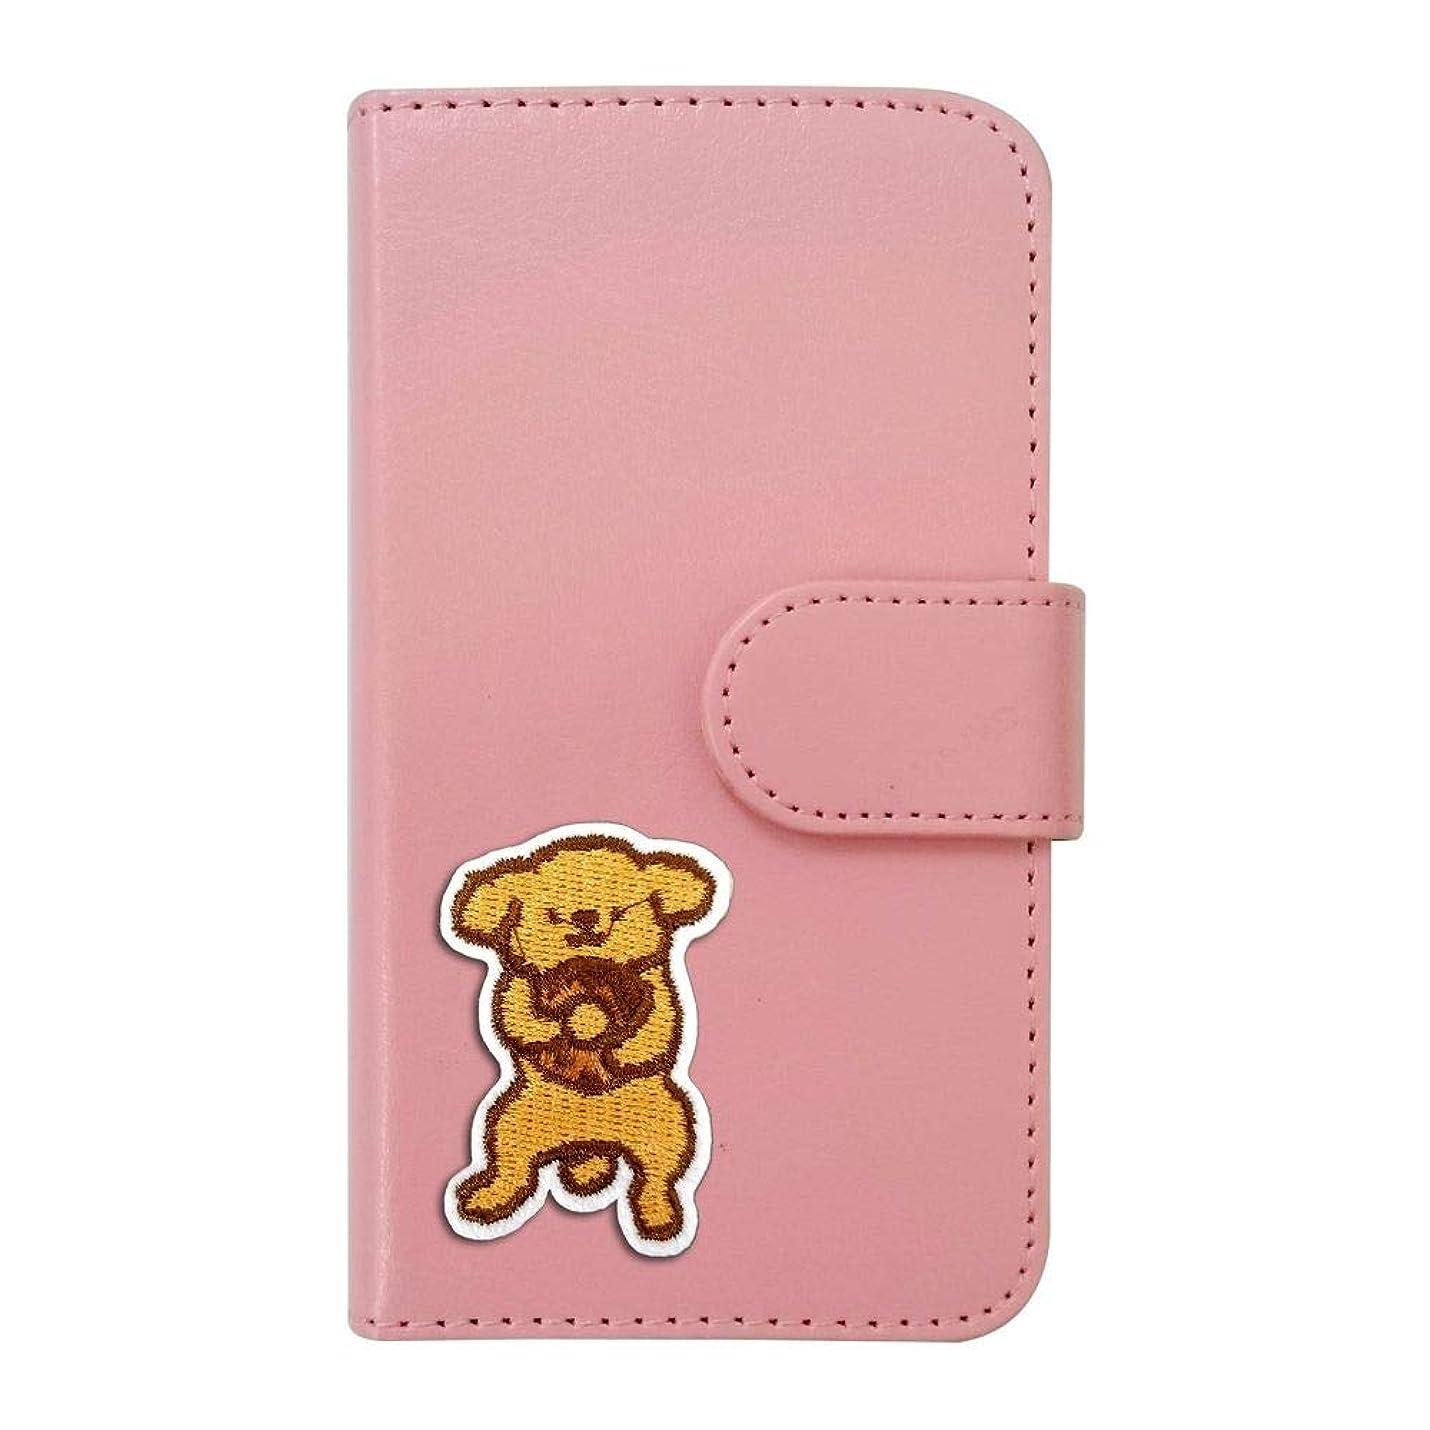 内訳引き付けるトチの実の木【moimoikka】 iPod touch6 アイポッドタッチ6 ケース 手帳型 トイプードル 動物 キャラクター かわいい といぷーどる 子犬 アニマル (ピンク) ダイアリータイプ 横開き カード収納 フリップ カバー スマートフォン もいもいっか sslink